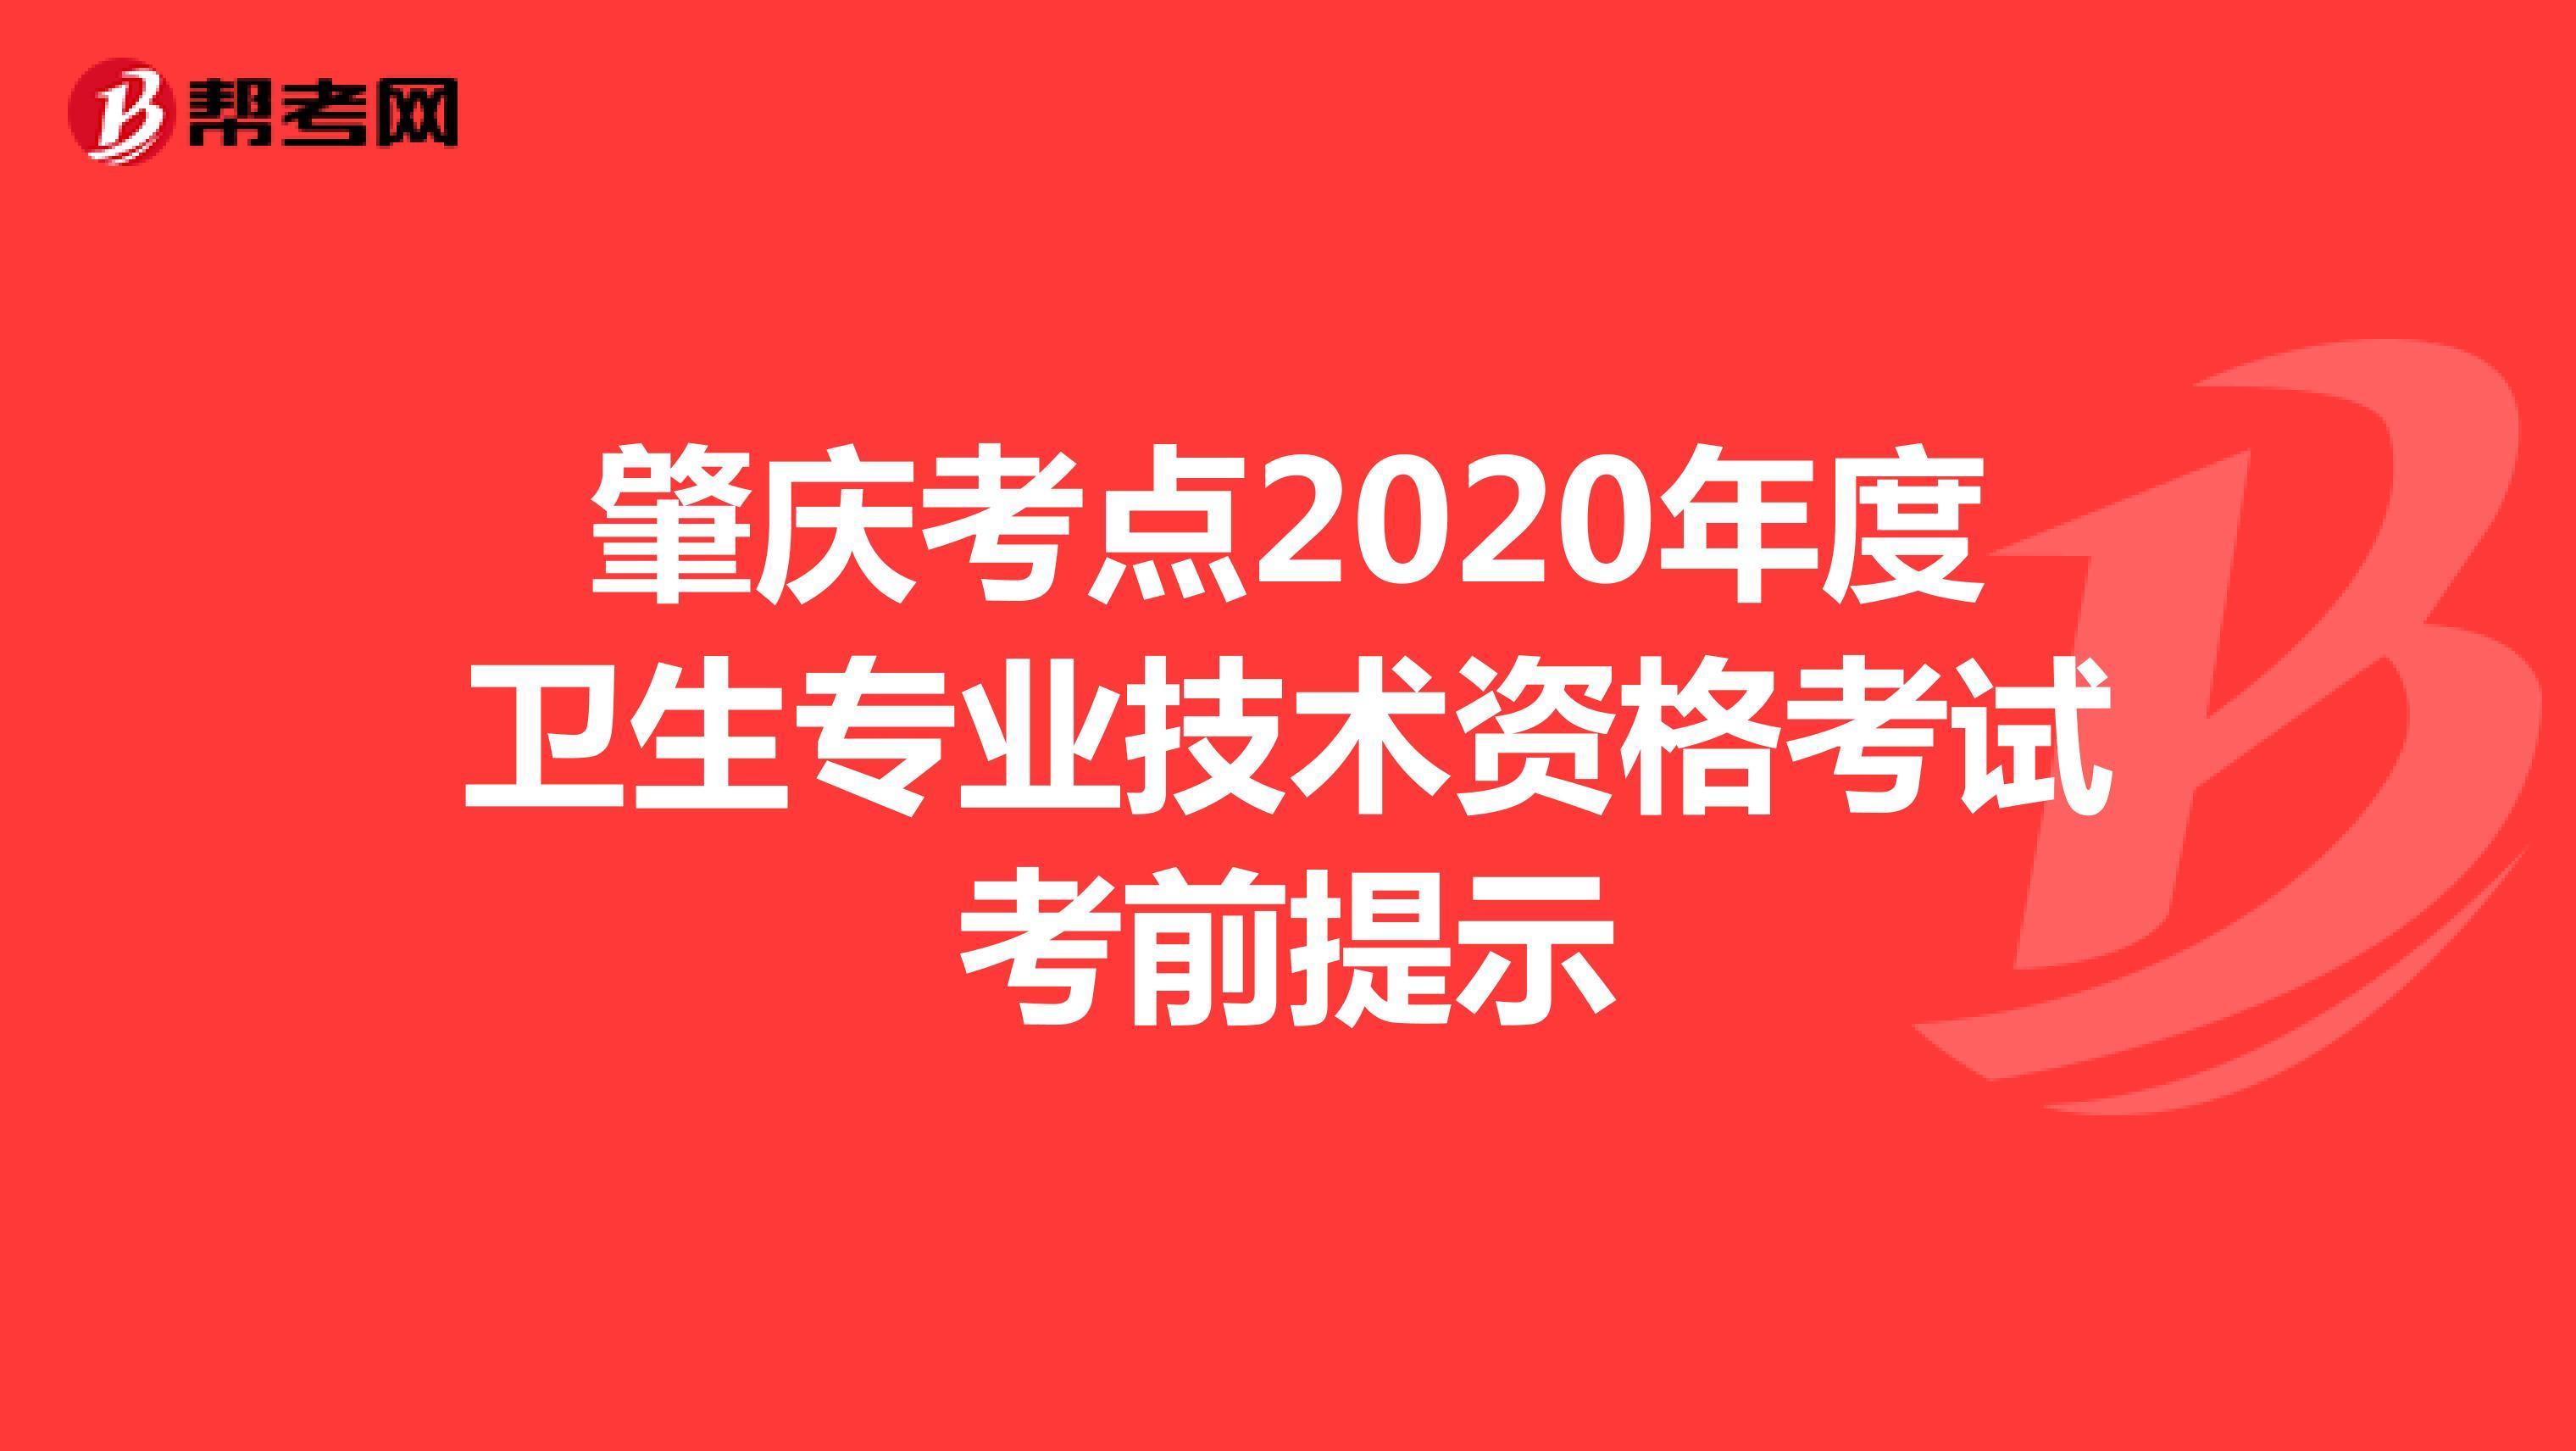 肇慶考點2020年度衛生專業技術資格考試考前提示